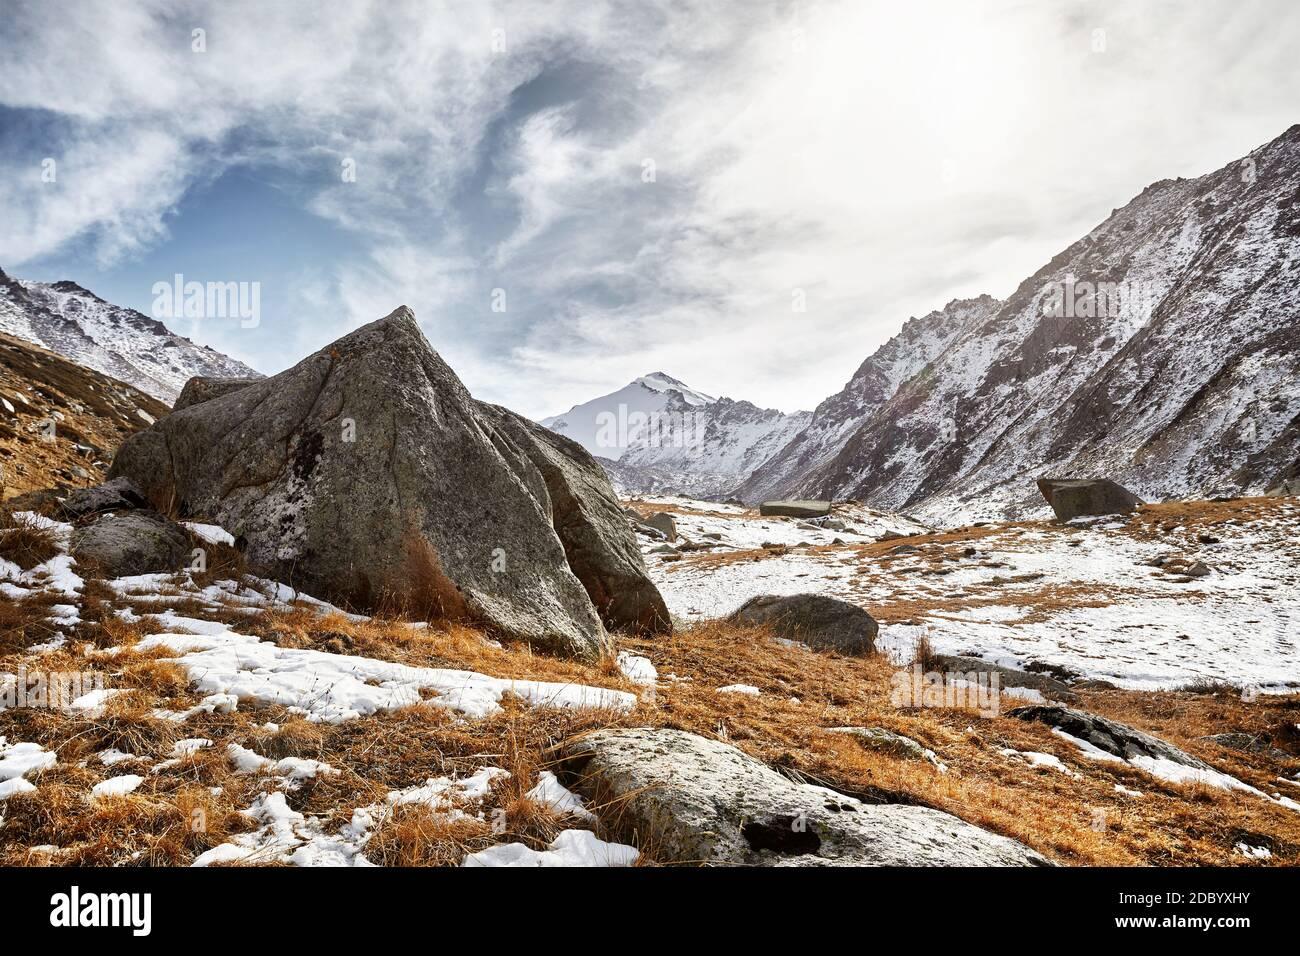 Magnifique paysage de la vallée de la montagne et grand rocher au premier plan. Activités de plein air et concept de randonnée Banque D'Images